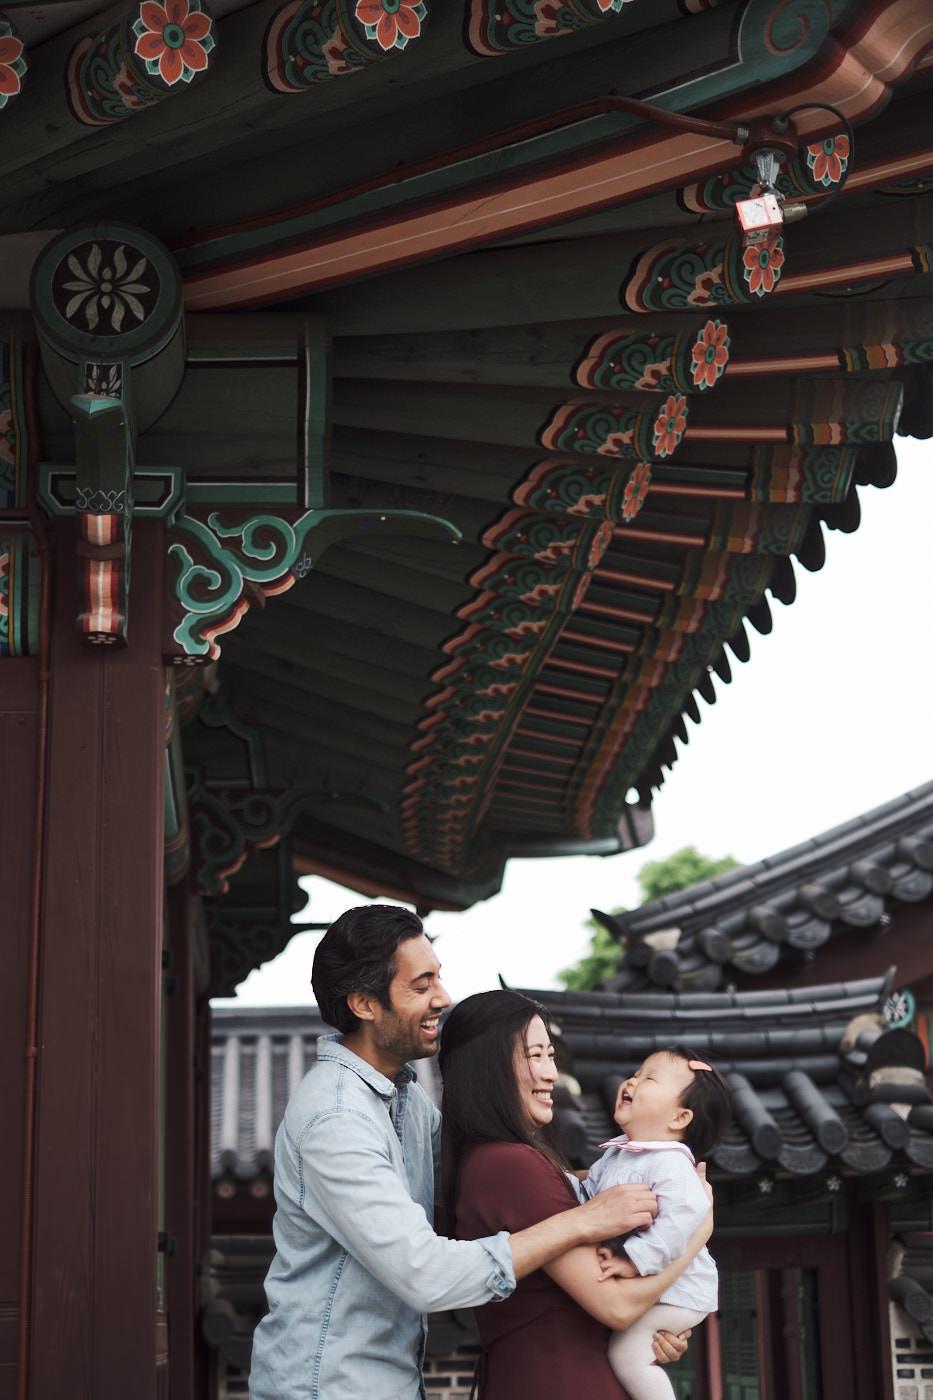 Family Photos for Maliha at Changdeokgung - Snuggle